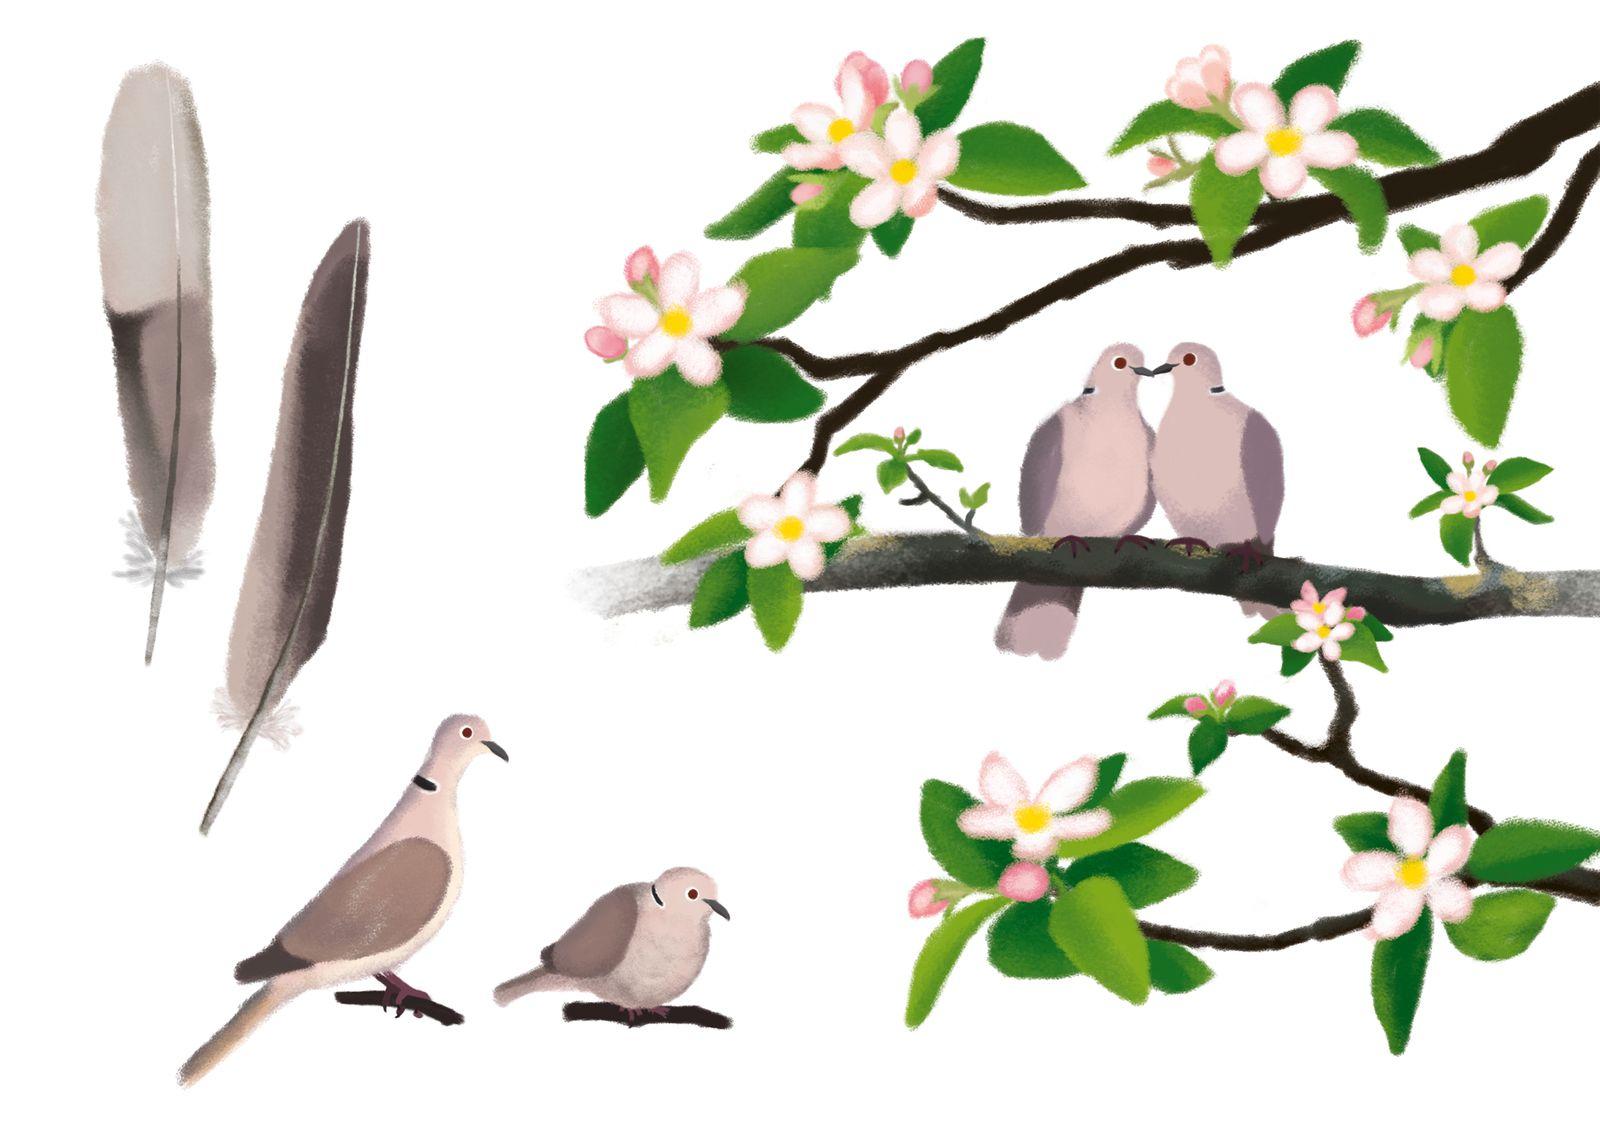 Les oiseaux de mon jardin, Adeline Ruel, Père Castor, 2020